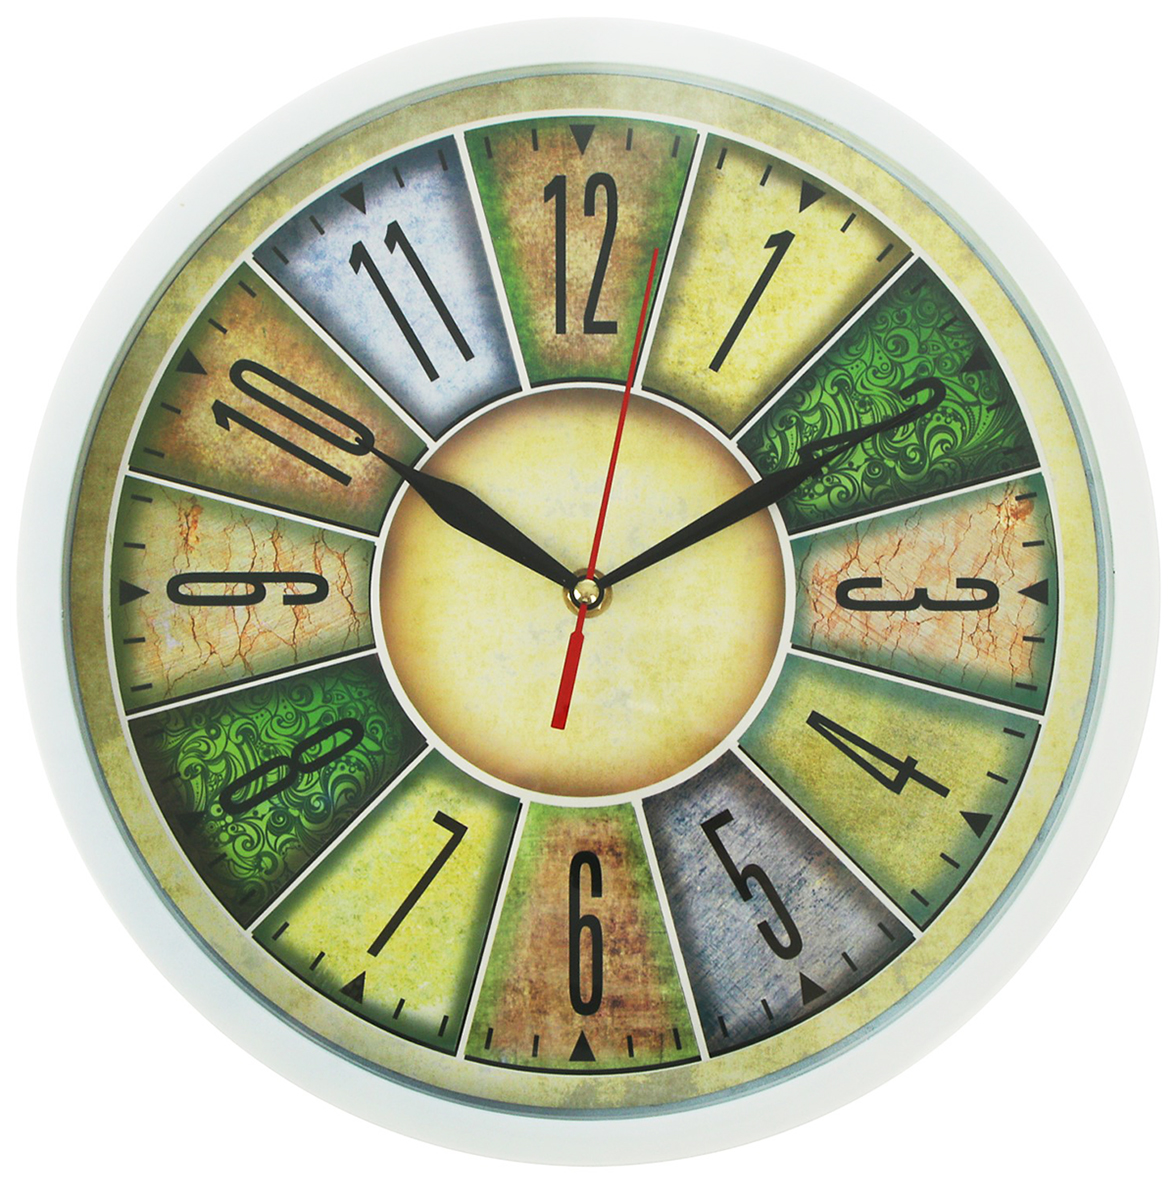 Часы настенные с цифрами в отсеках, диаметр 32 см2578117Каждому хозяину периодически приходит мысль обновить свою квартиру, сделать ремонт, перестановку или кардинально поменять внешний вид каждой комнаты. — привлекательная деталь, которая поможет воплотить вашу интерьерную идею, создать неповторимую атмосферу в вашем доме. Окружите себя приятными мелочами, пусть они радуют глаз и дарят гармонию.Часы настенные круг, белые, цифербал цифры в отсеках d=32см 2578117